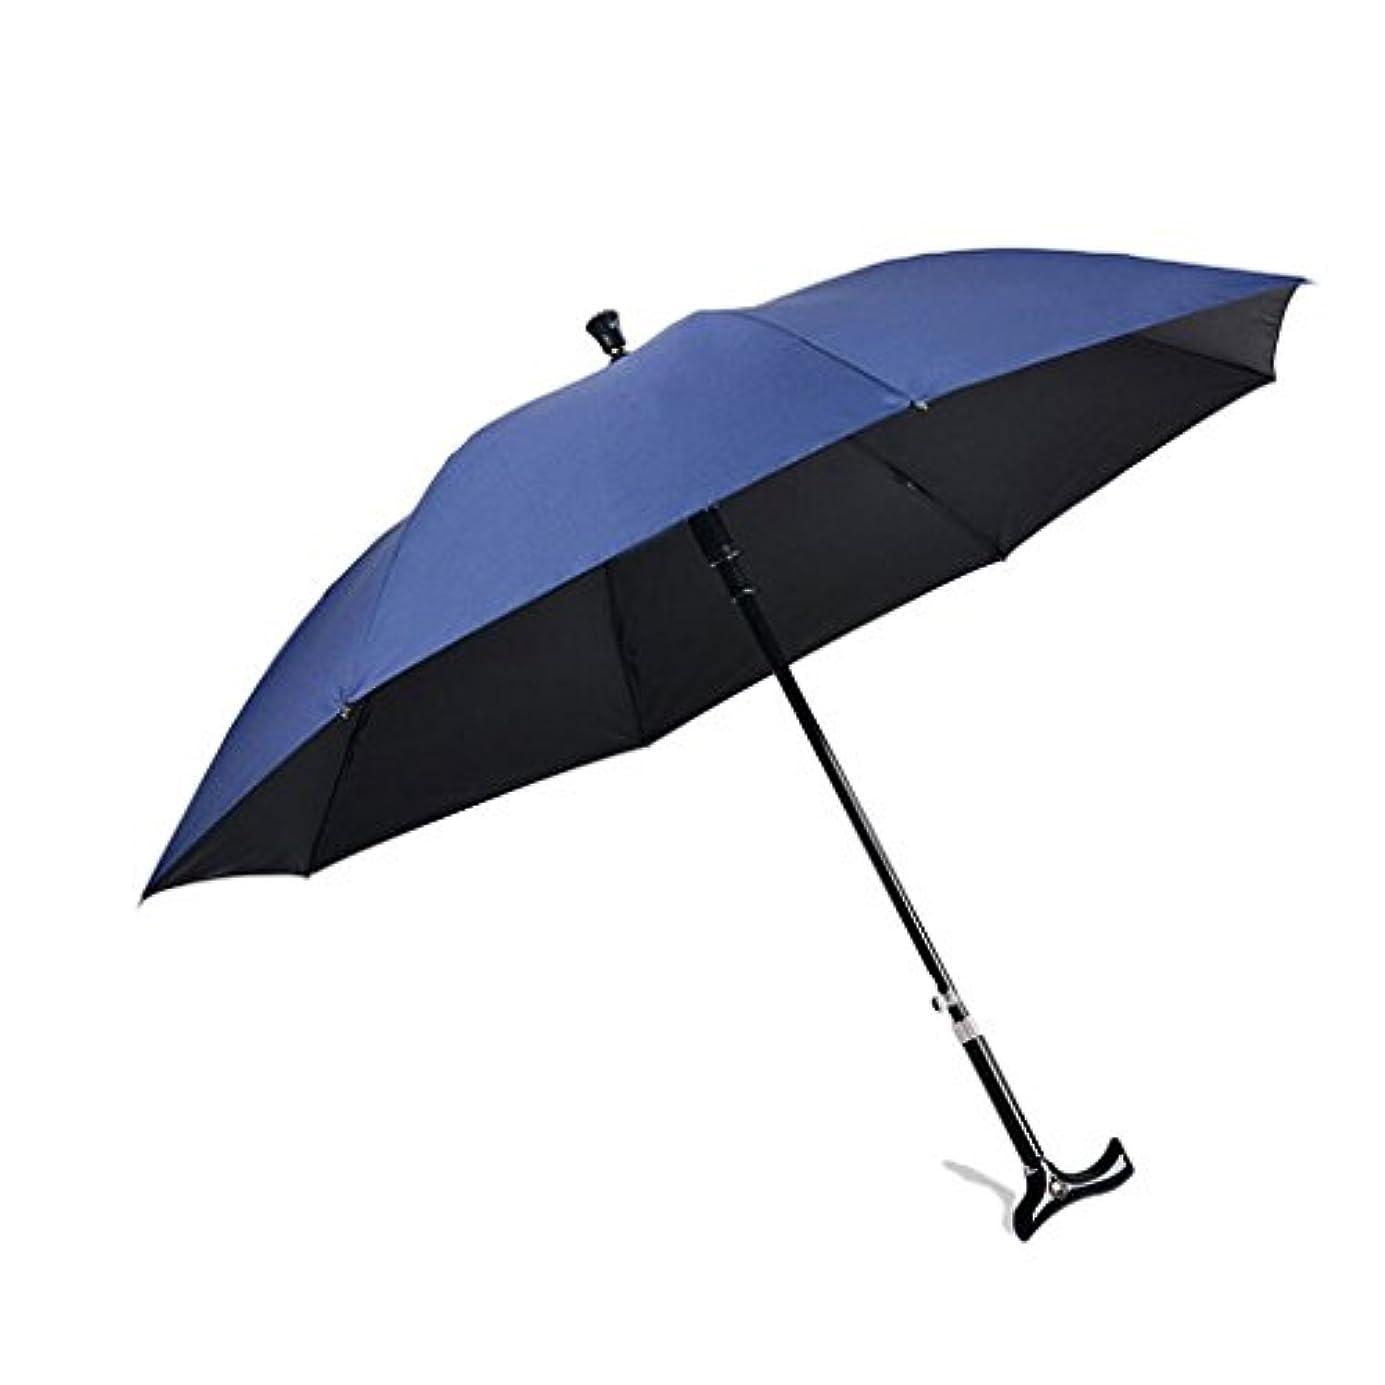 むしゃむしゃ一月恋人調節可能な老人ウォーキングスティック傘ケーキ贈り物傘ノンスリップクライミング傘ソリッド松葉杖 (色 : シアン)